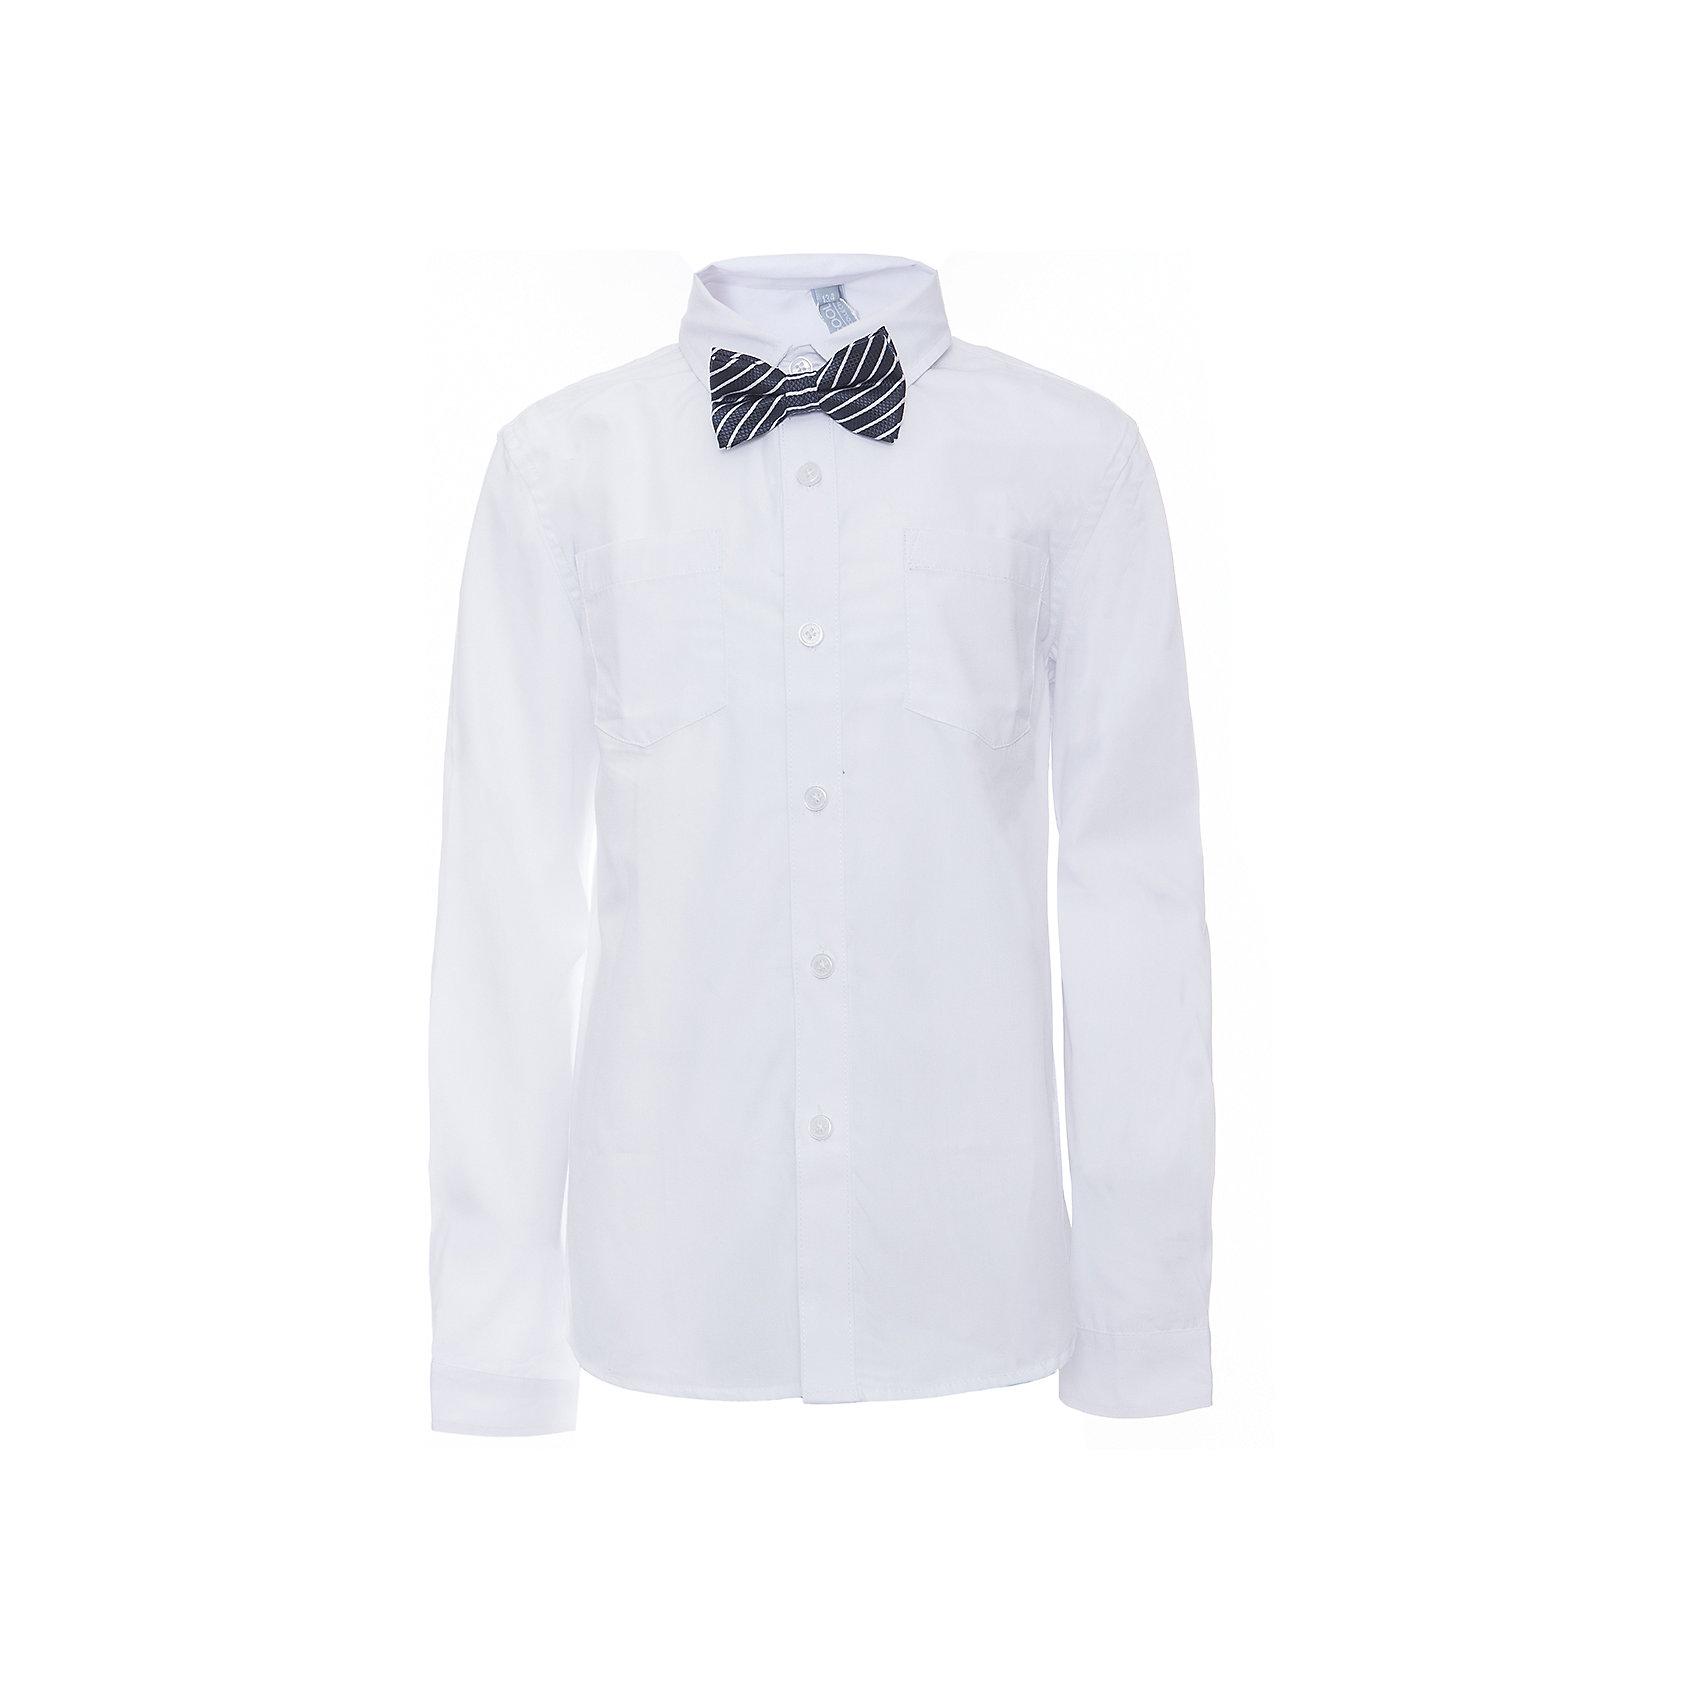 Рубашка для мальчика ScoolБлузки и рубашки<br>Рубашка для мальчика Scool<br>, Сорочка с длинным рукавом в классическом стиле выполнена из смесовой ткани, приятной к телу. Лекало этой модели полностью повторяет лекало модели для взрослого мужчины. Сорочка хорошо сочетается с костюмом в деловом стиле и джинсами. Модель дополнена аккуратным гастуком - бабочкой контрастного цвета.Преимущества: Модель с накладным карманомРукава сорочки с манжетами<br>Состав:<br>45% хлопок, 55% полиэстер<br><br>Ширина мм: 174<br>Глубина мм: 10<br>Высота мм: 169<br>Вес г: 157<br>Цвет: полуночно-синий<br>Возраст от месяцев: 96<br>Возраст до месяцев: 108<br>Пол: Мужской<br>Возраст: Детский<br>Размер: 134,158,164,140,146,152,122,128<br>SKU: 6754462